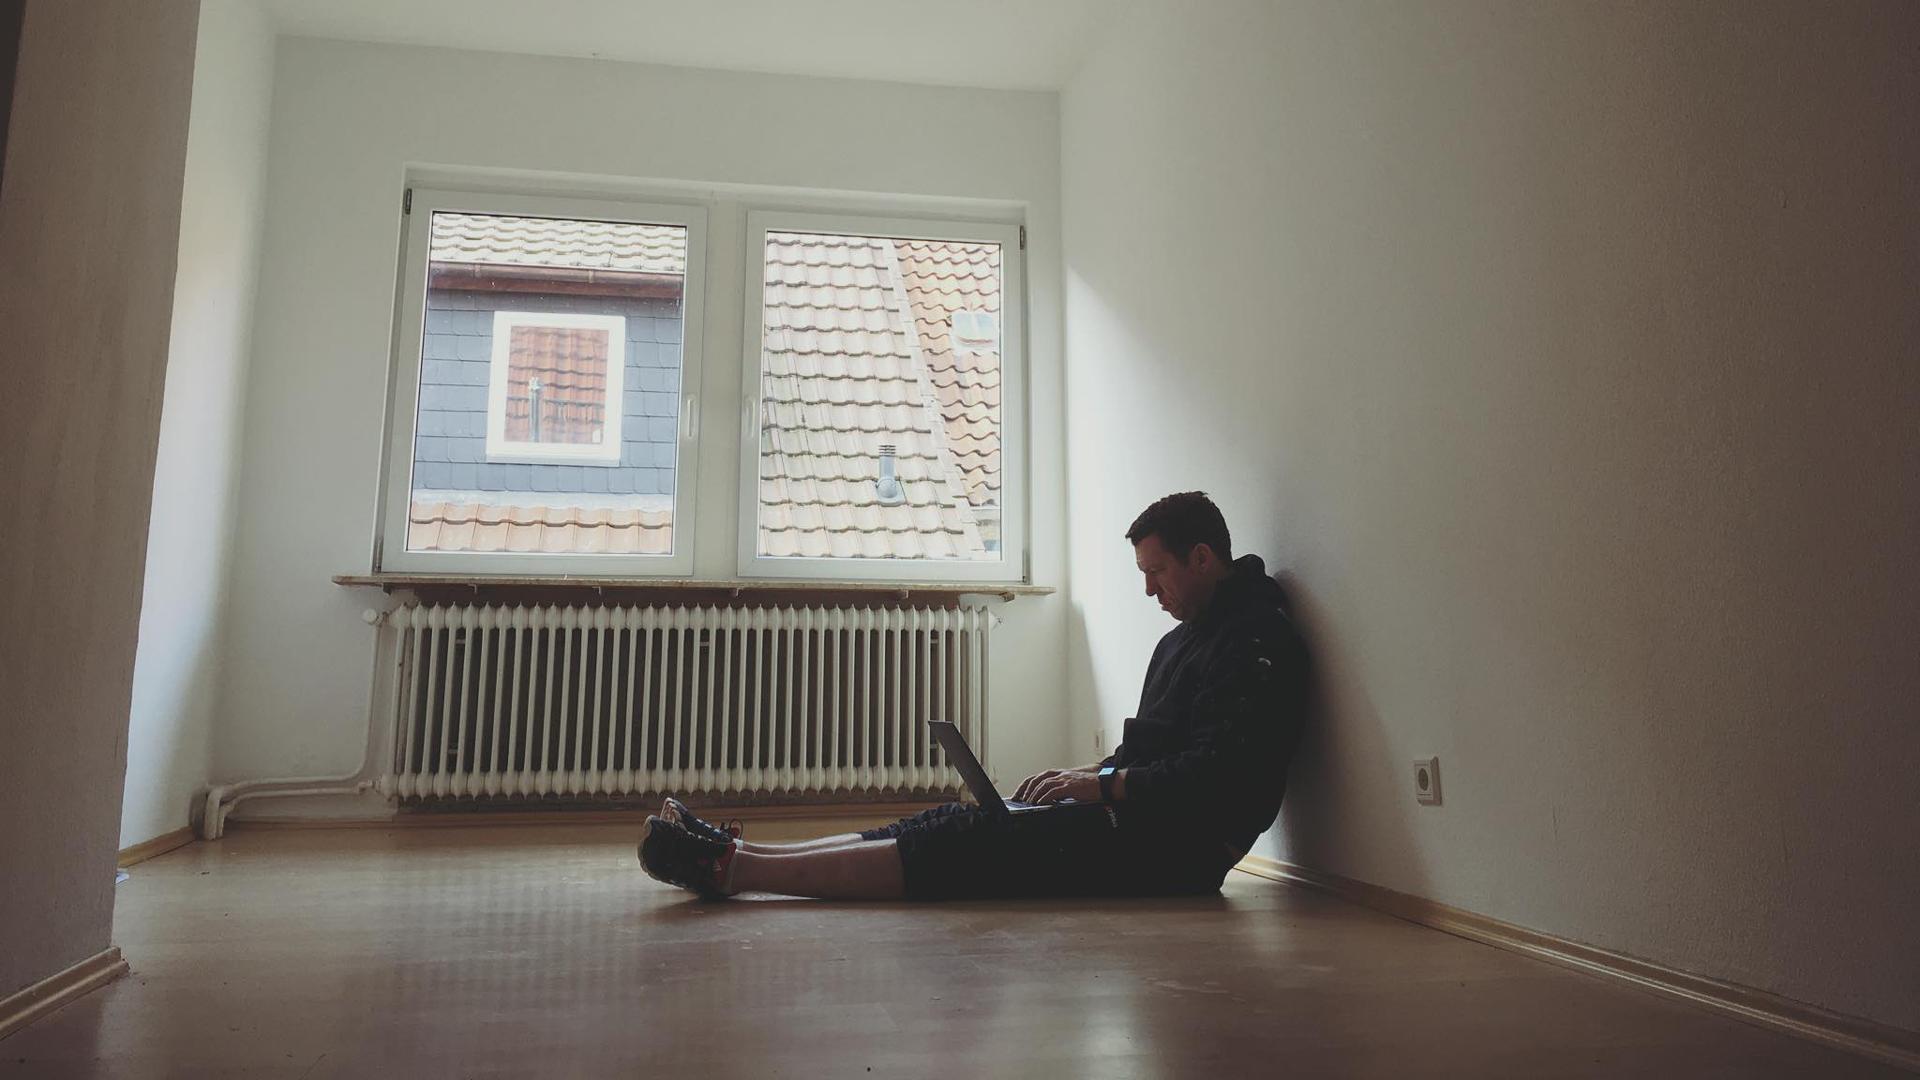 Being a misfit: Ich wollte nur dazu gehören